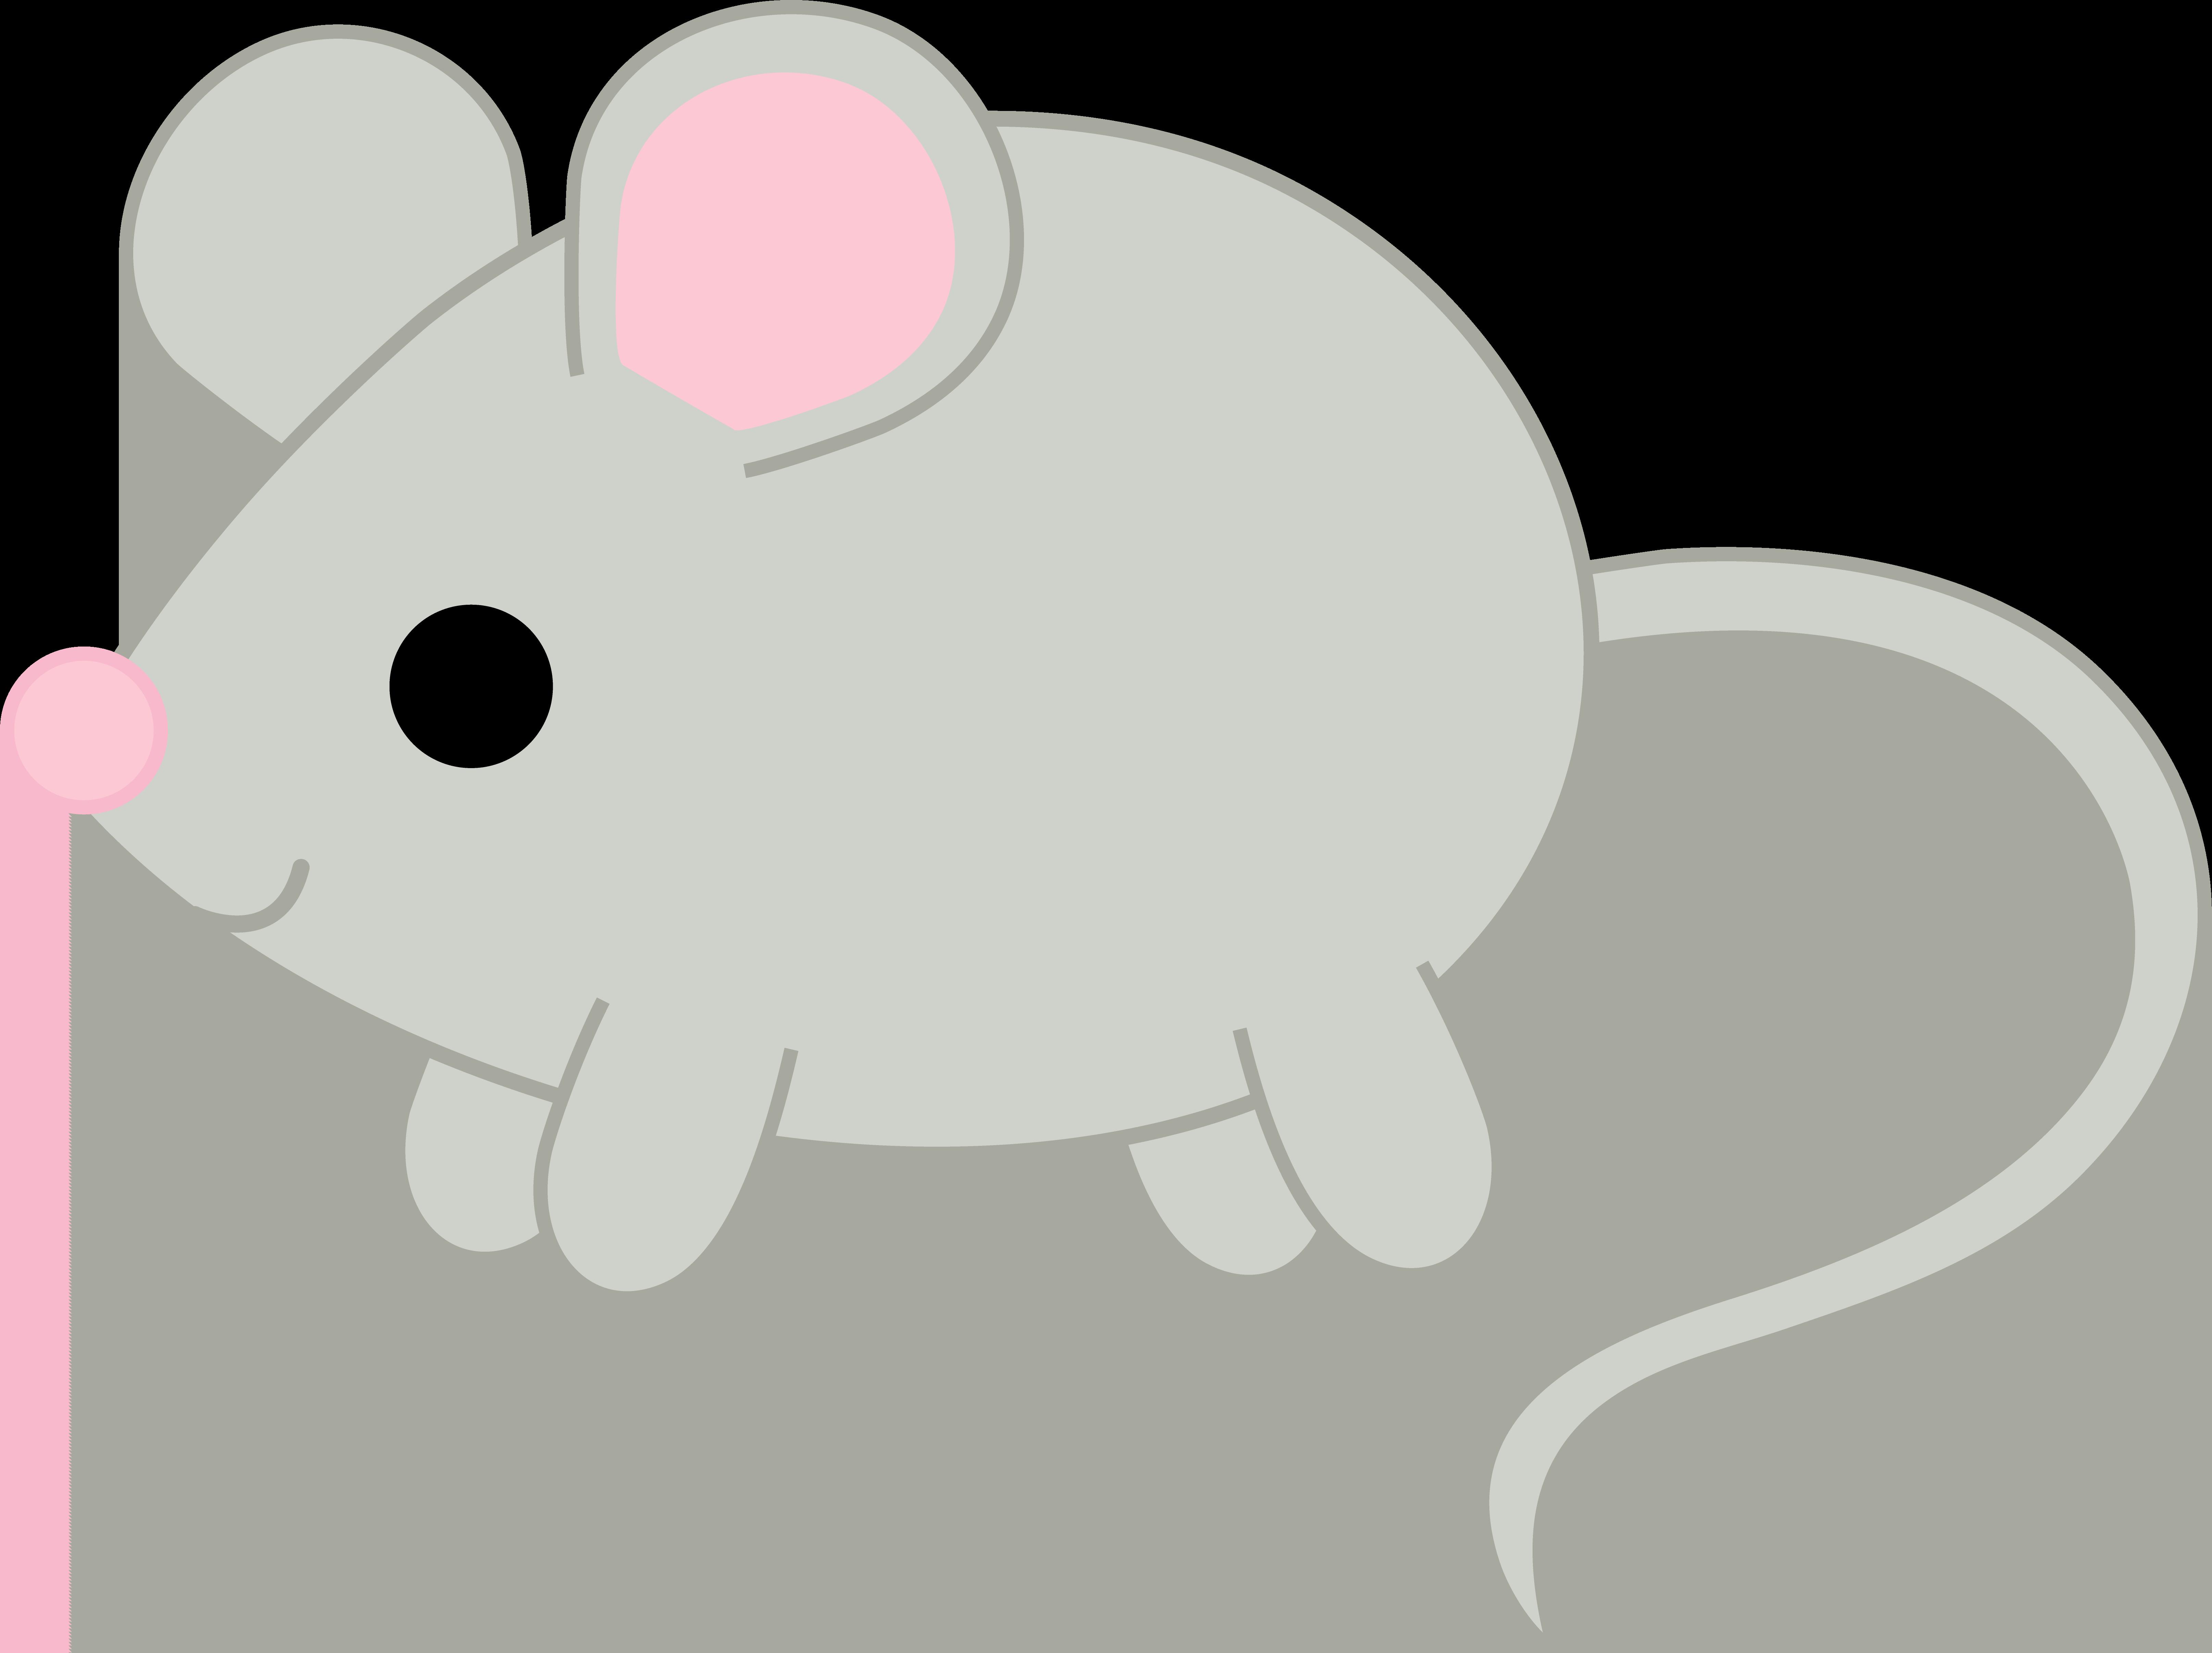 Mouse clipart kawaii Free Little Art Gray Art